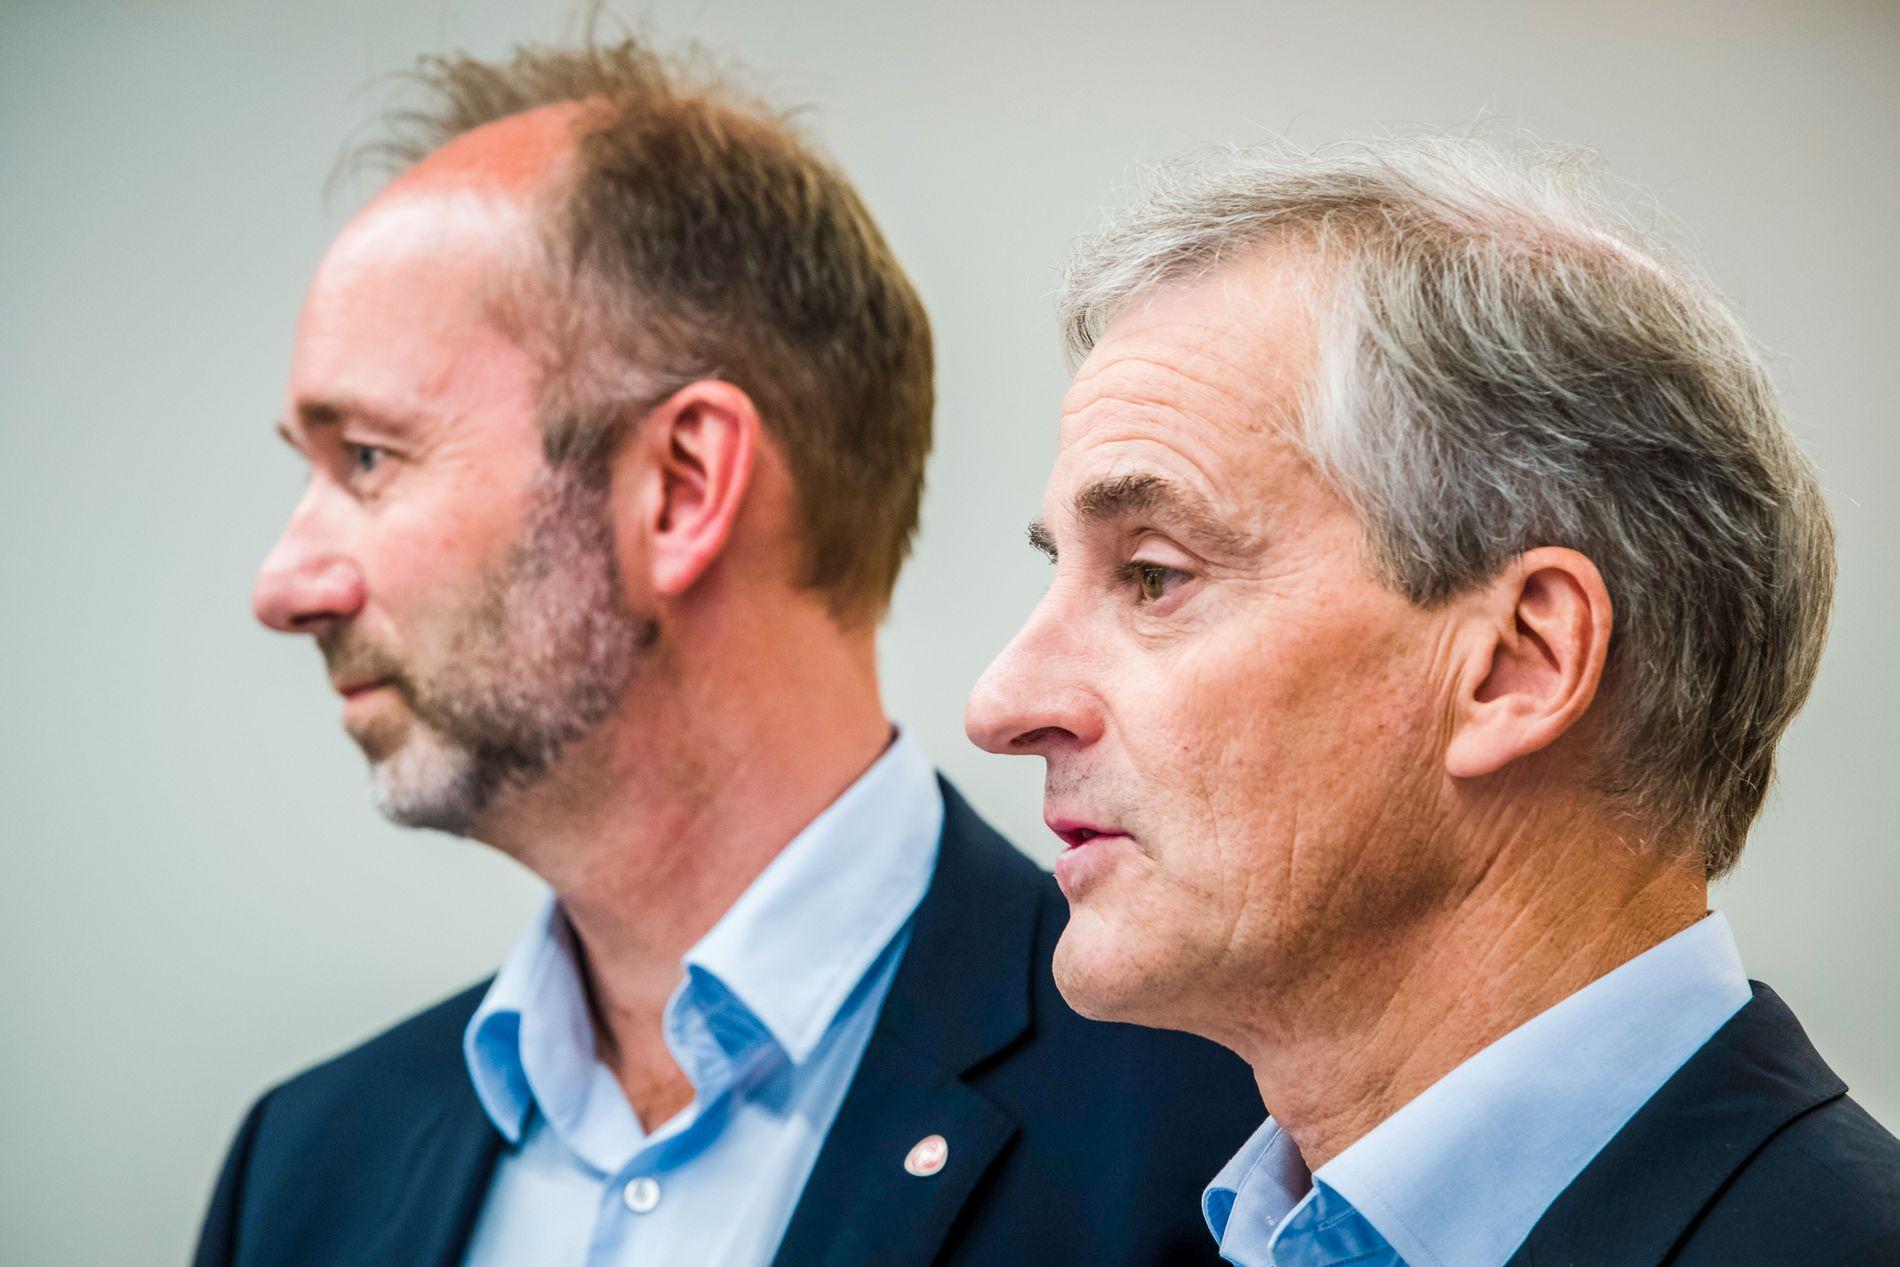 BREV: Ap-leder Jonas Gahr Støre har skrevet brev til Trond Giske.